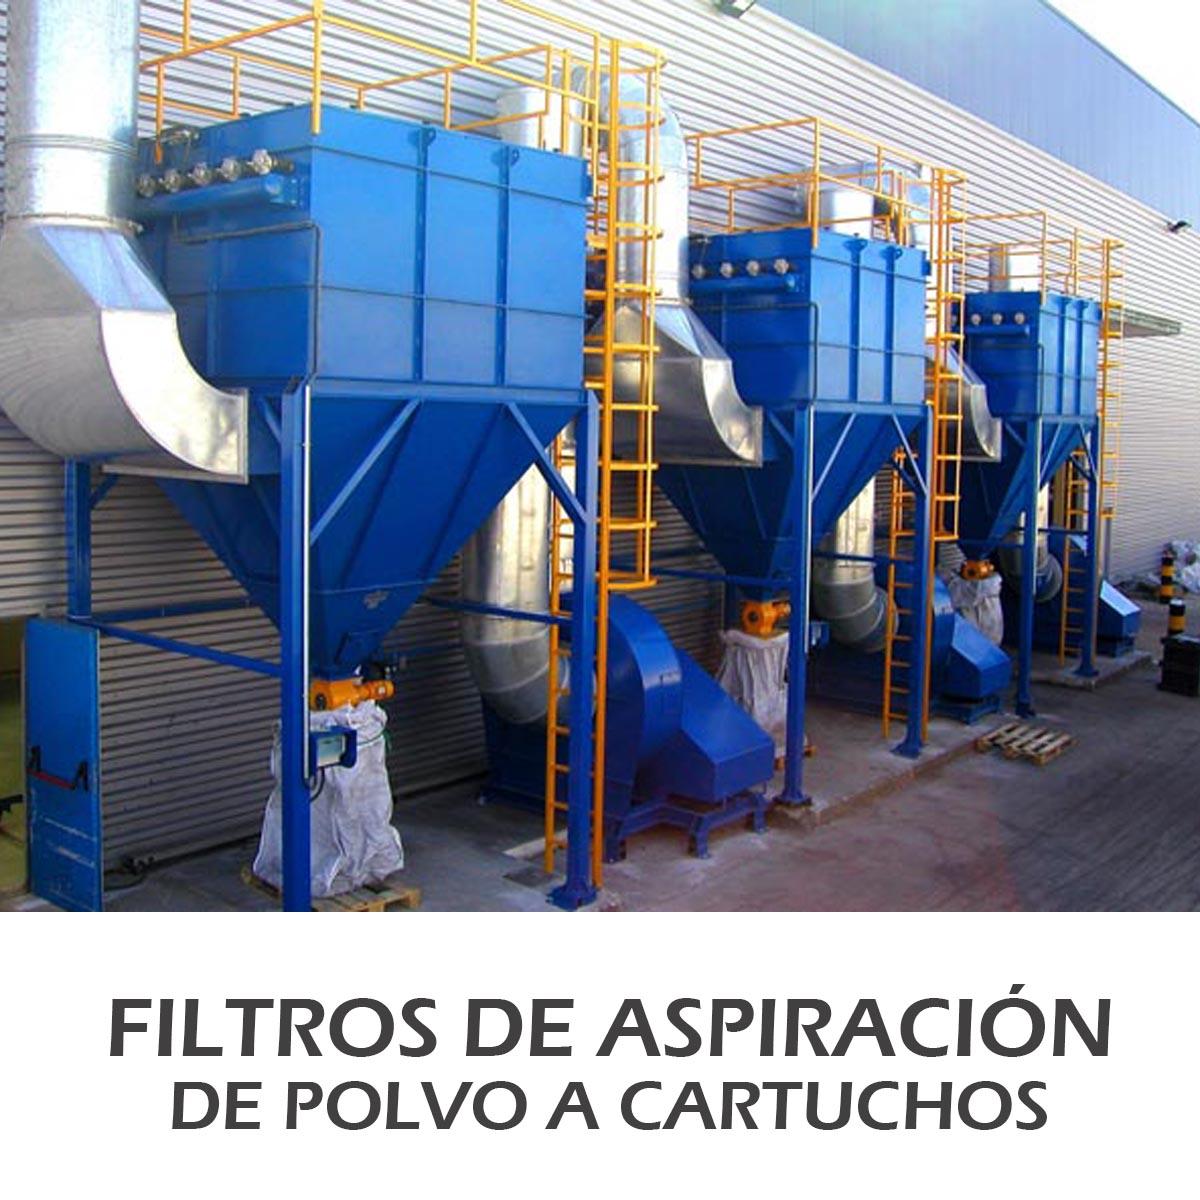 filtros-aspiración-polvo-cartuchos-sem-maquinaria-industrial